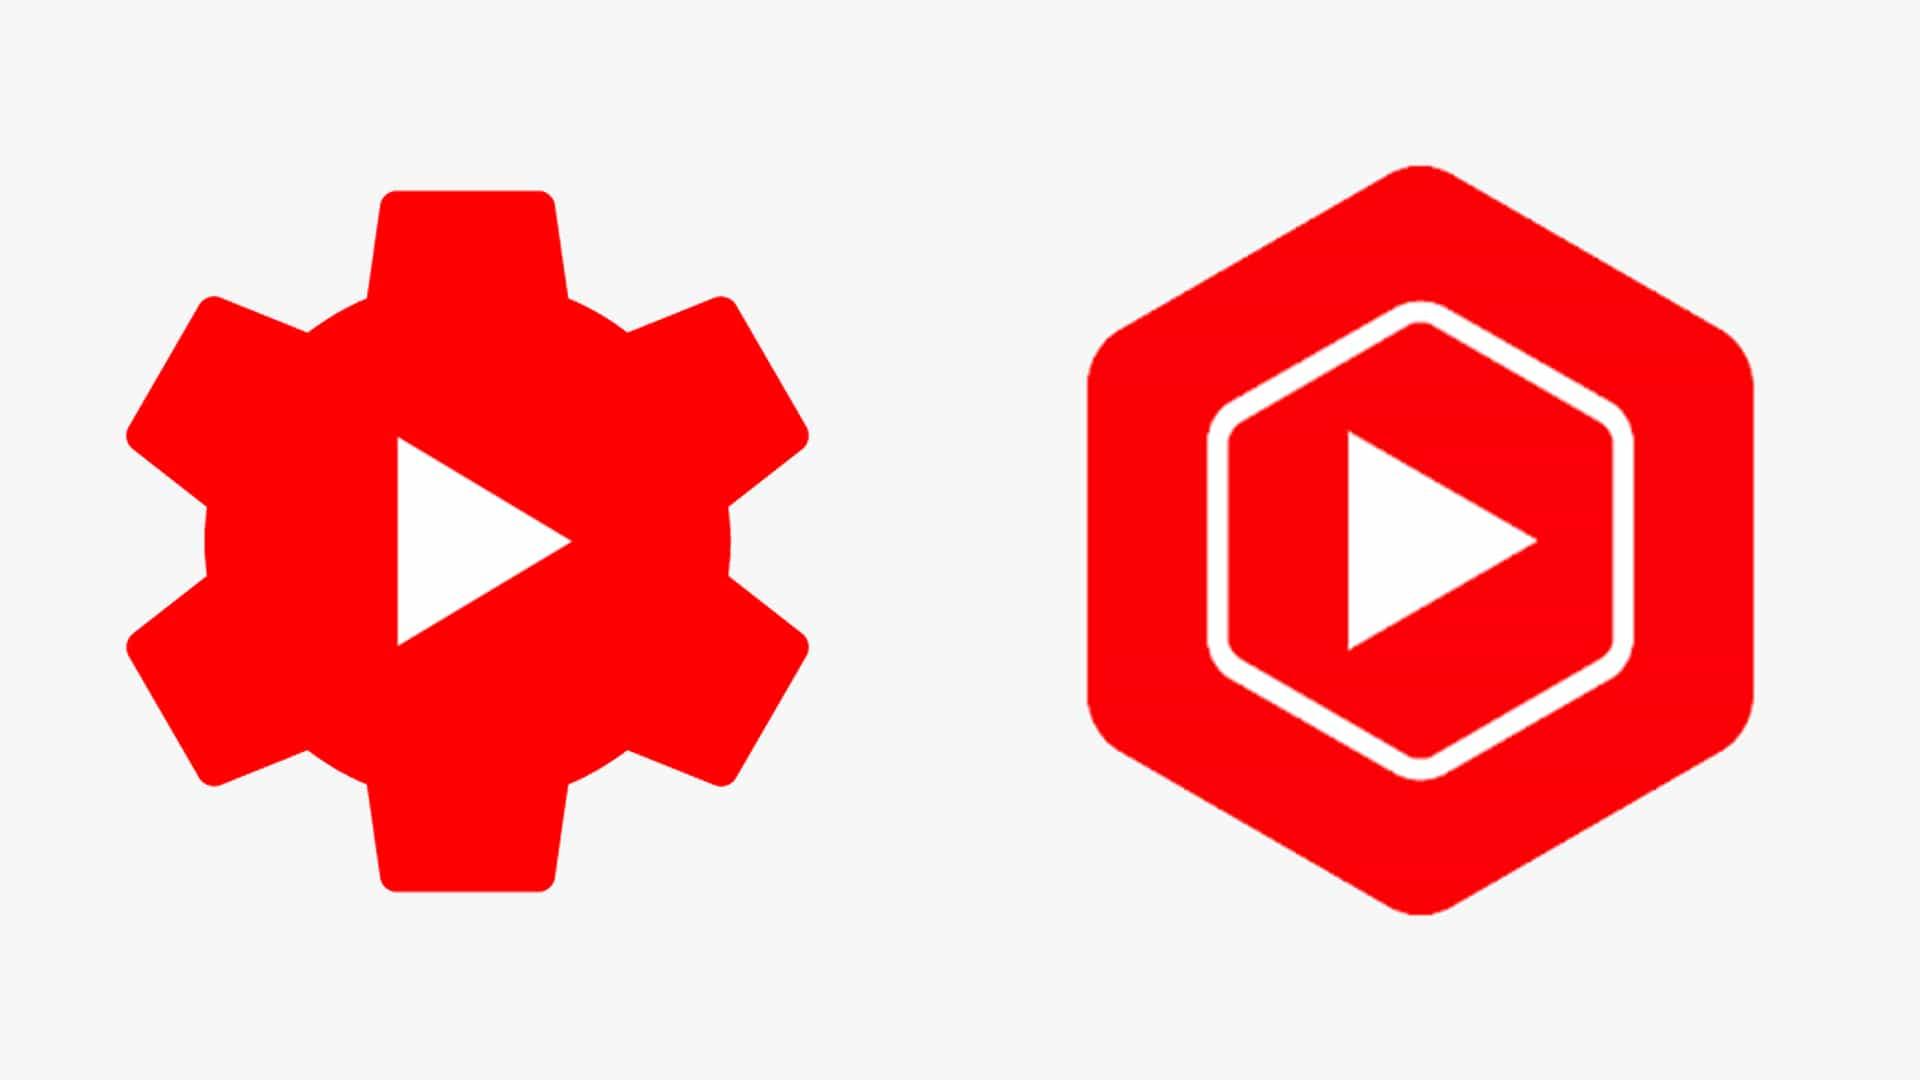 El nuevo logotipo de YouTube Studio realmente está moliendo los engranajes de los usuarios